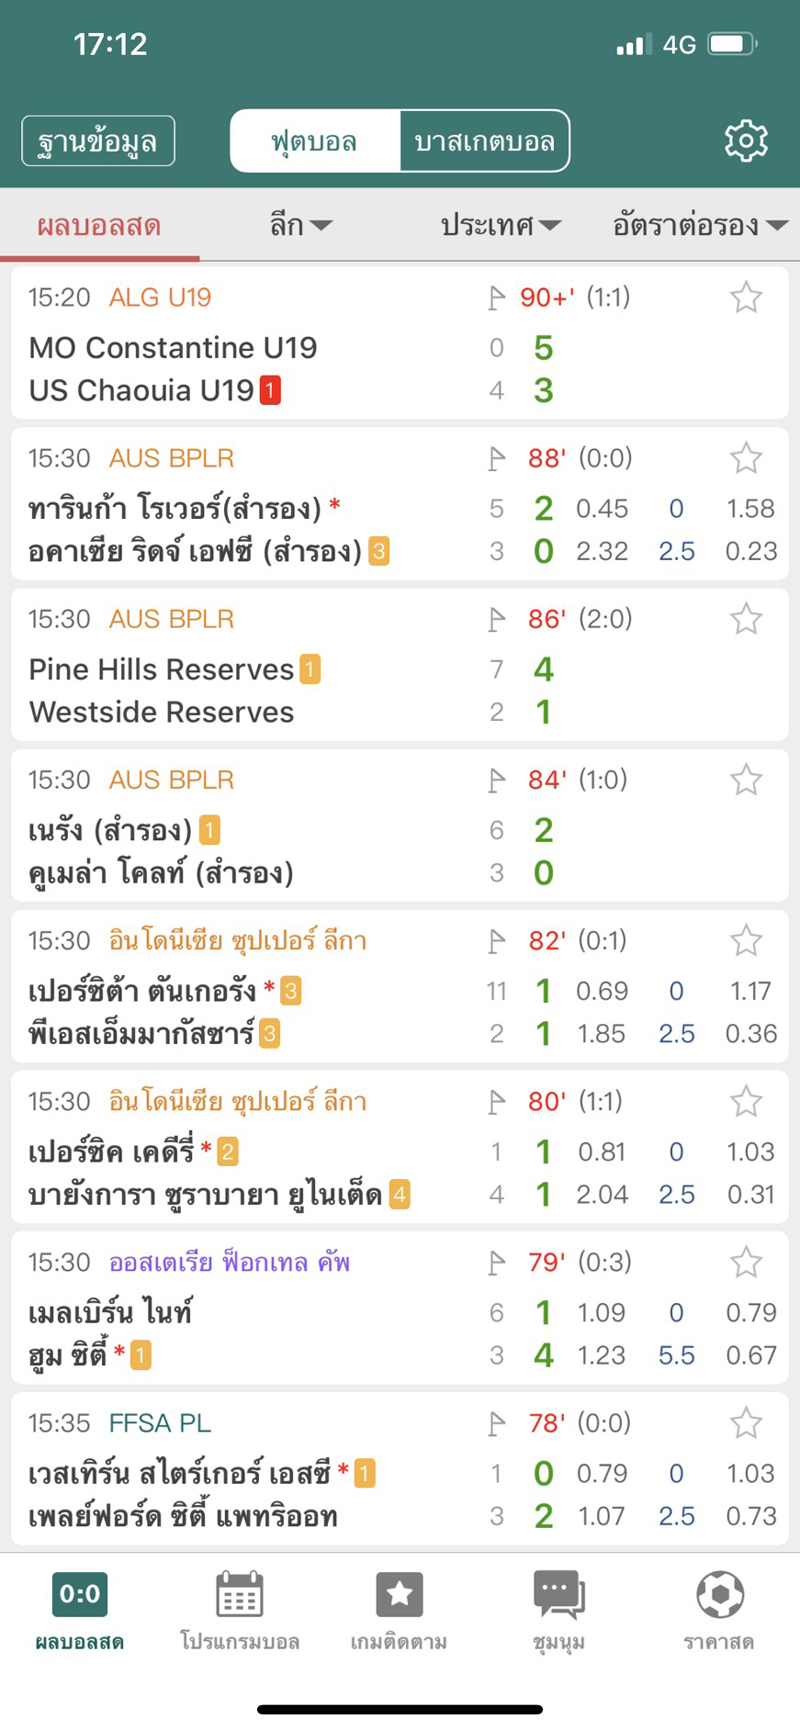 เช็คผลบอลสดภาษาไทย